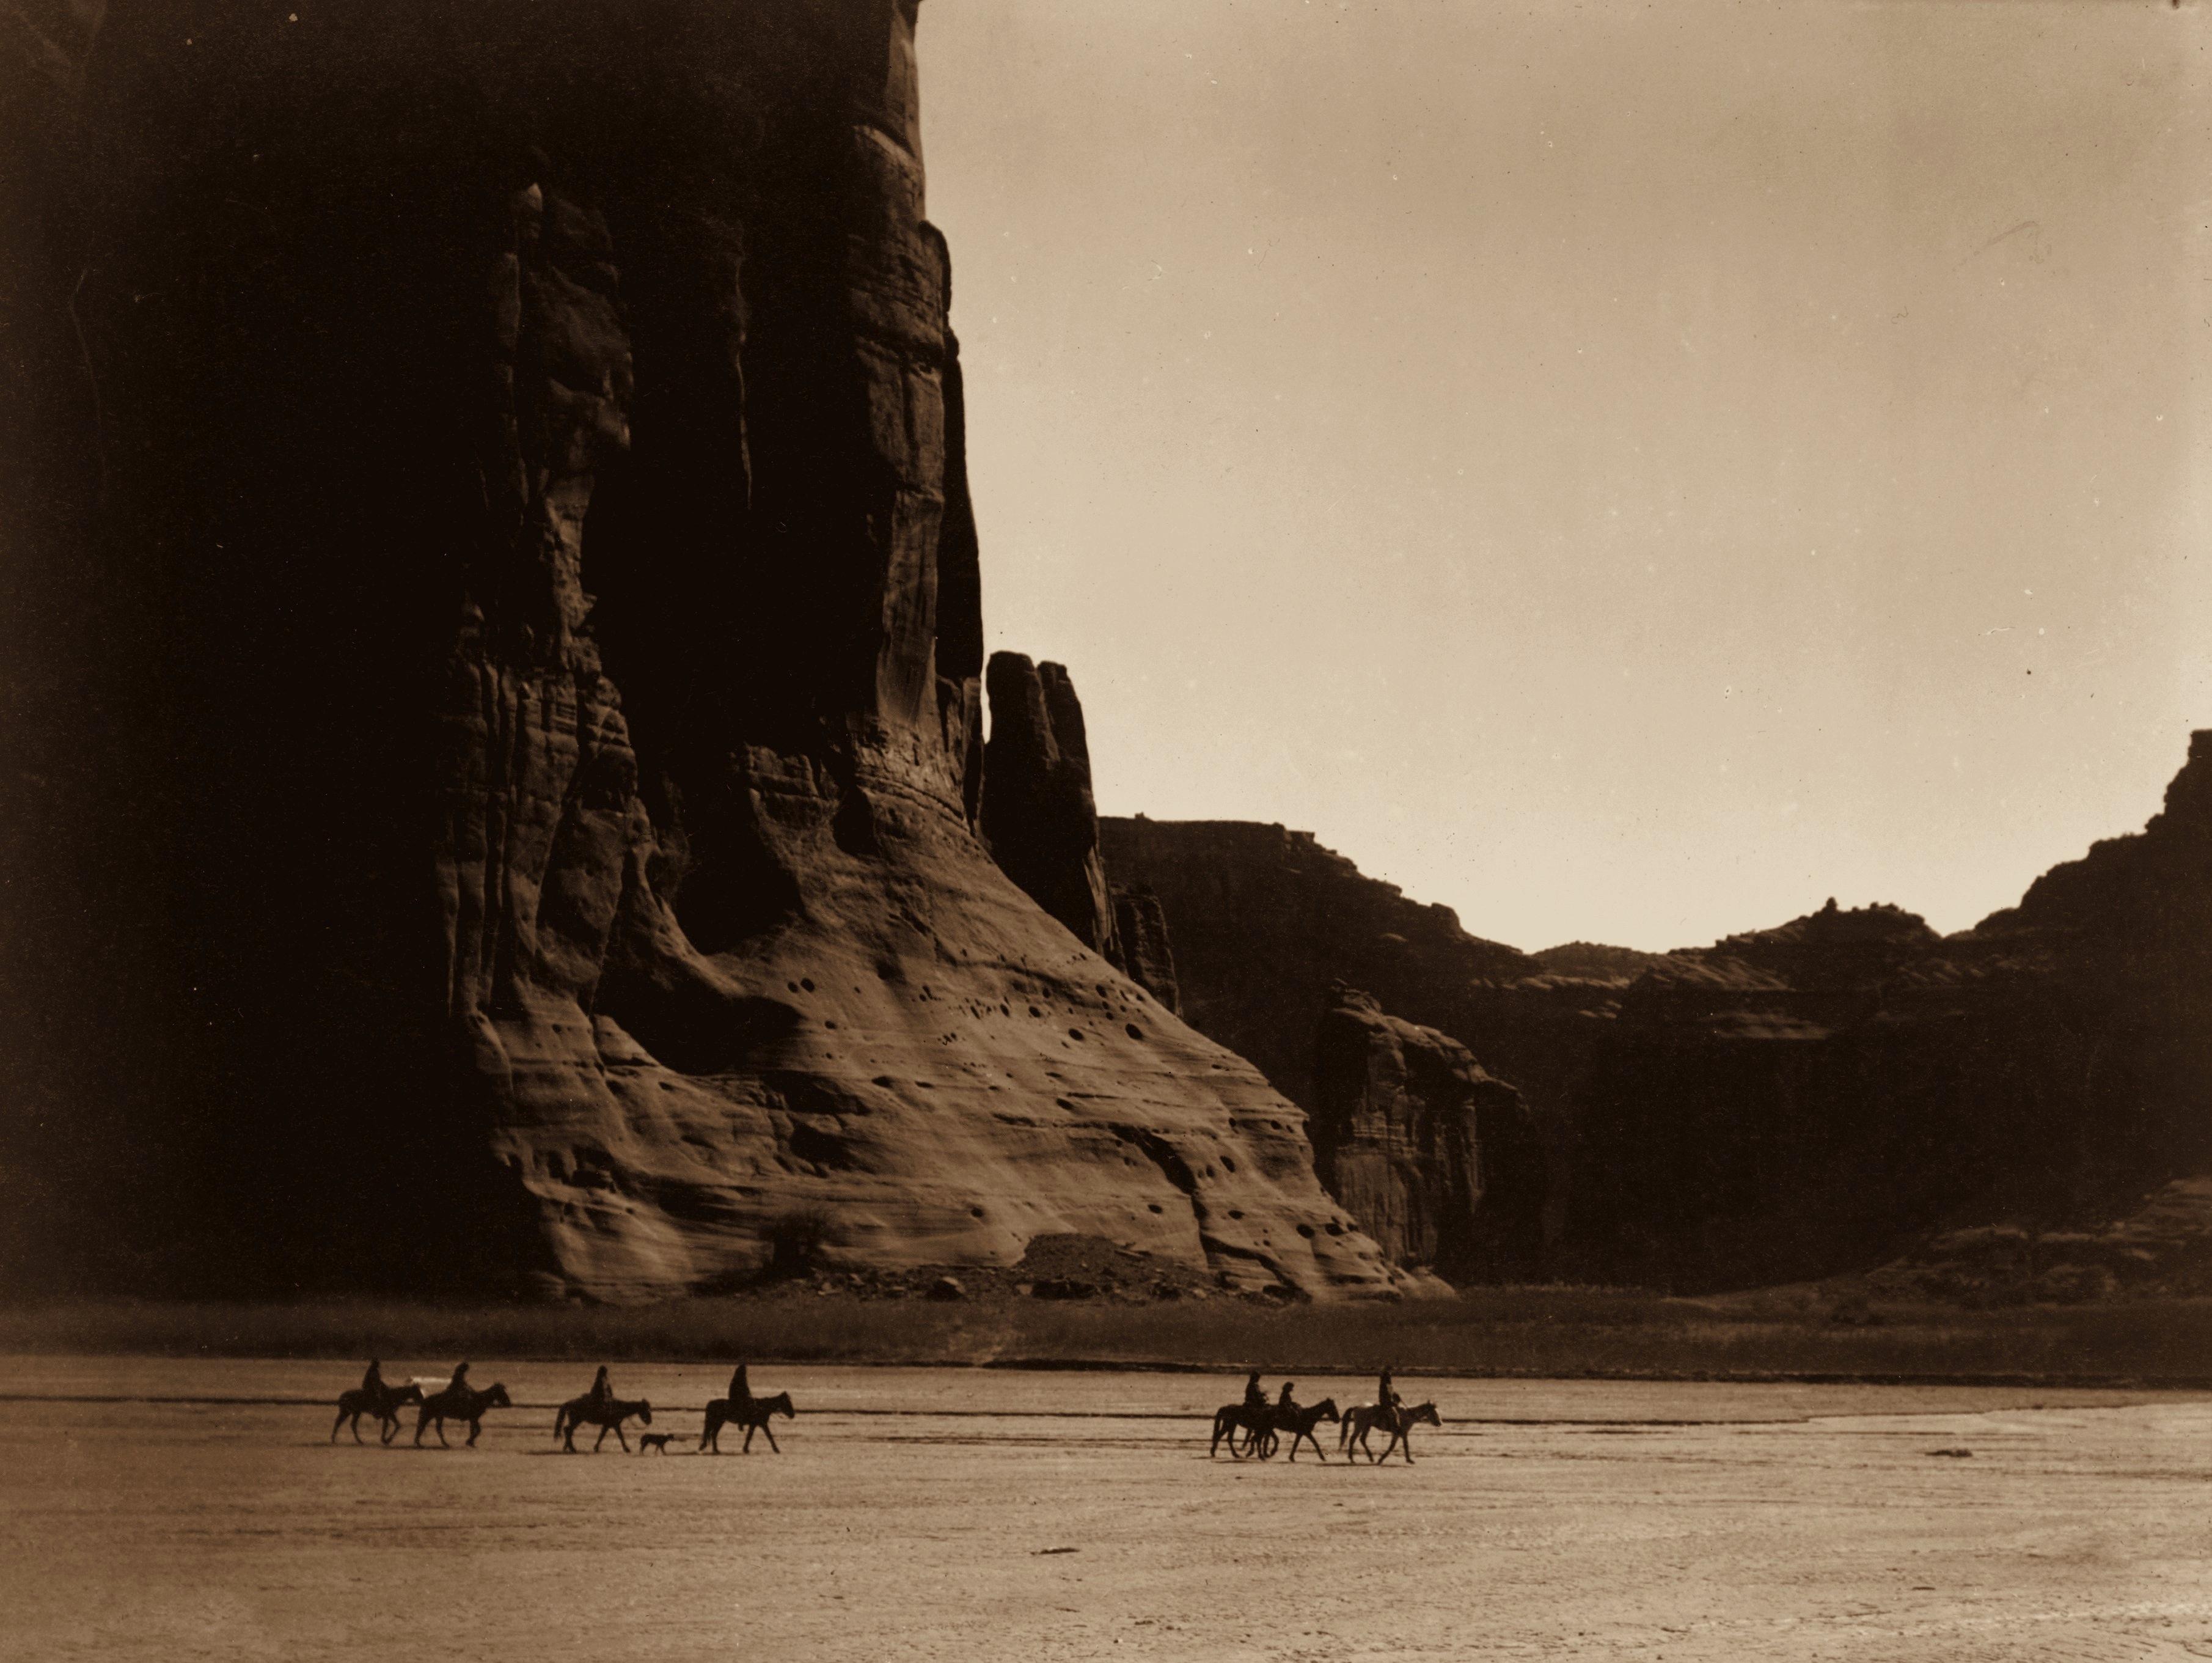 Canyon de Chelly  Navajo